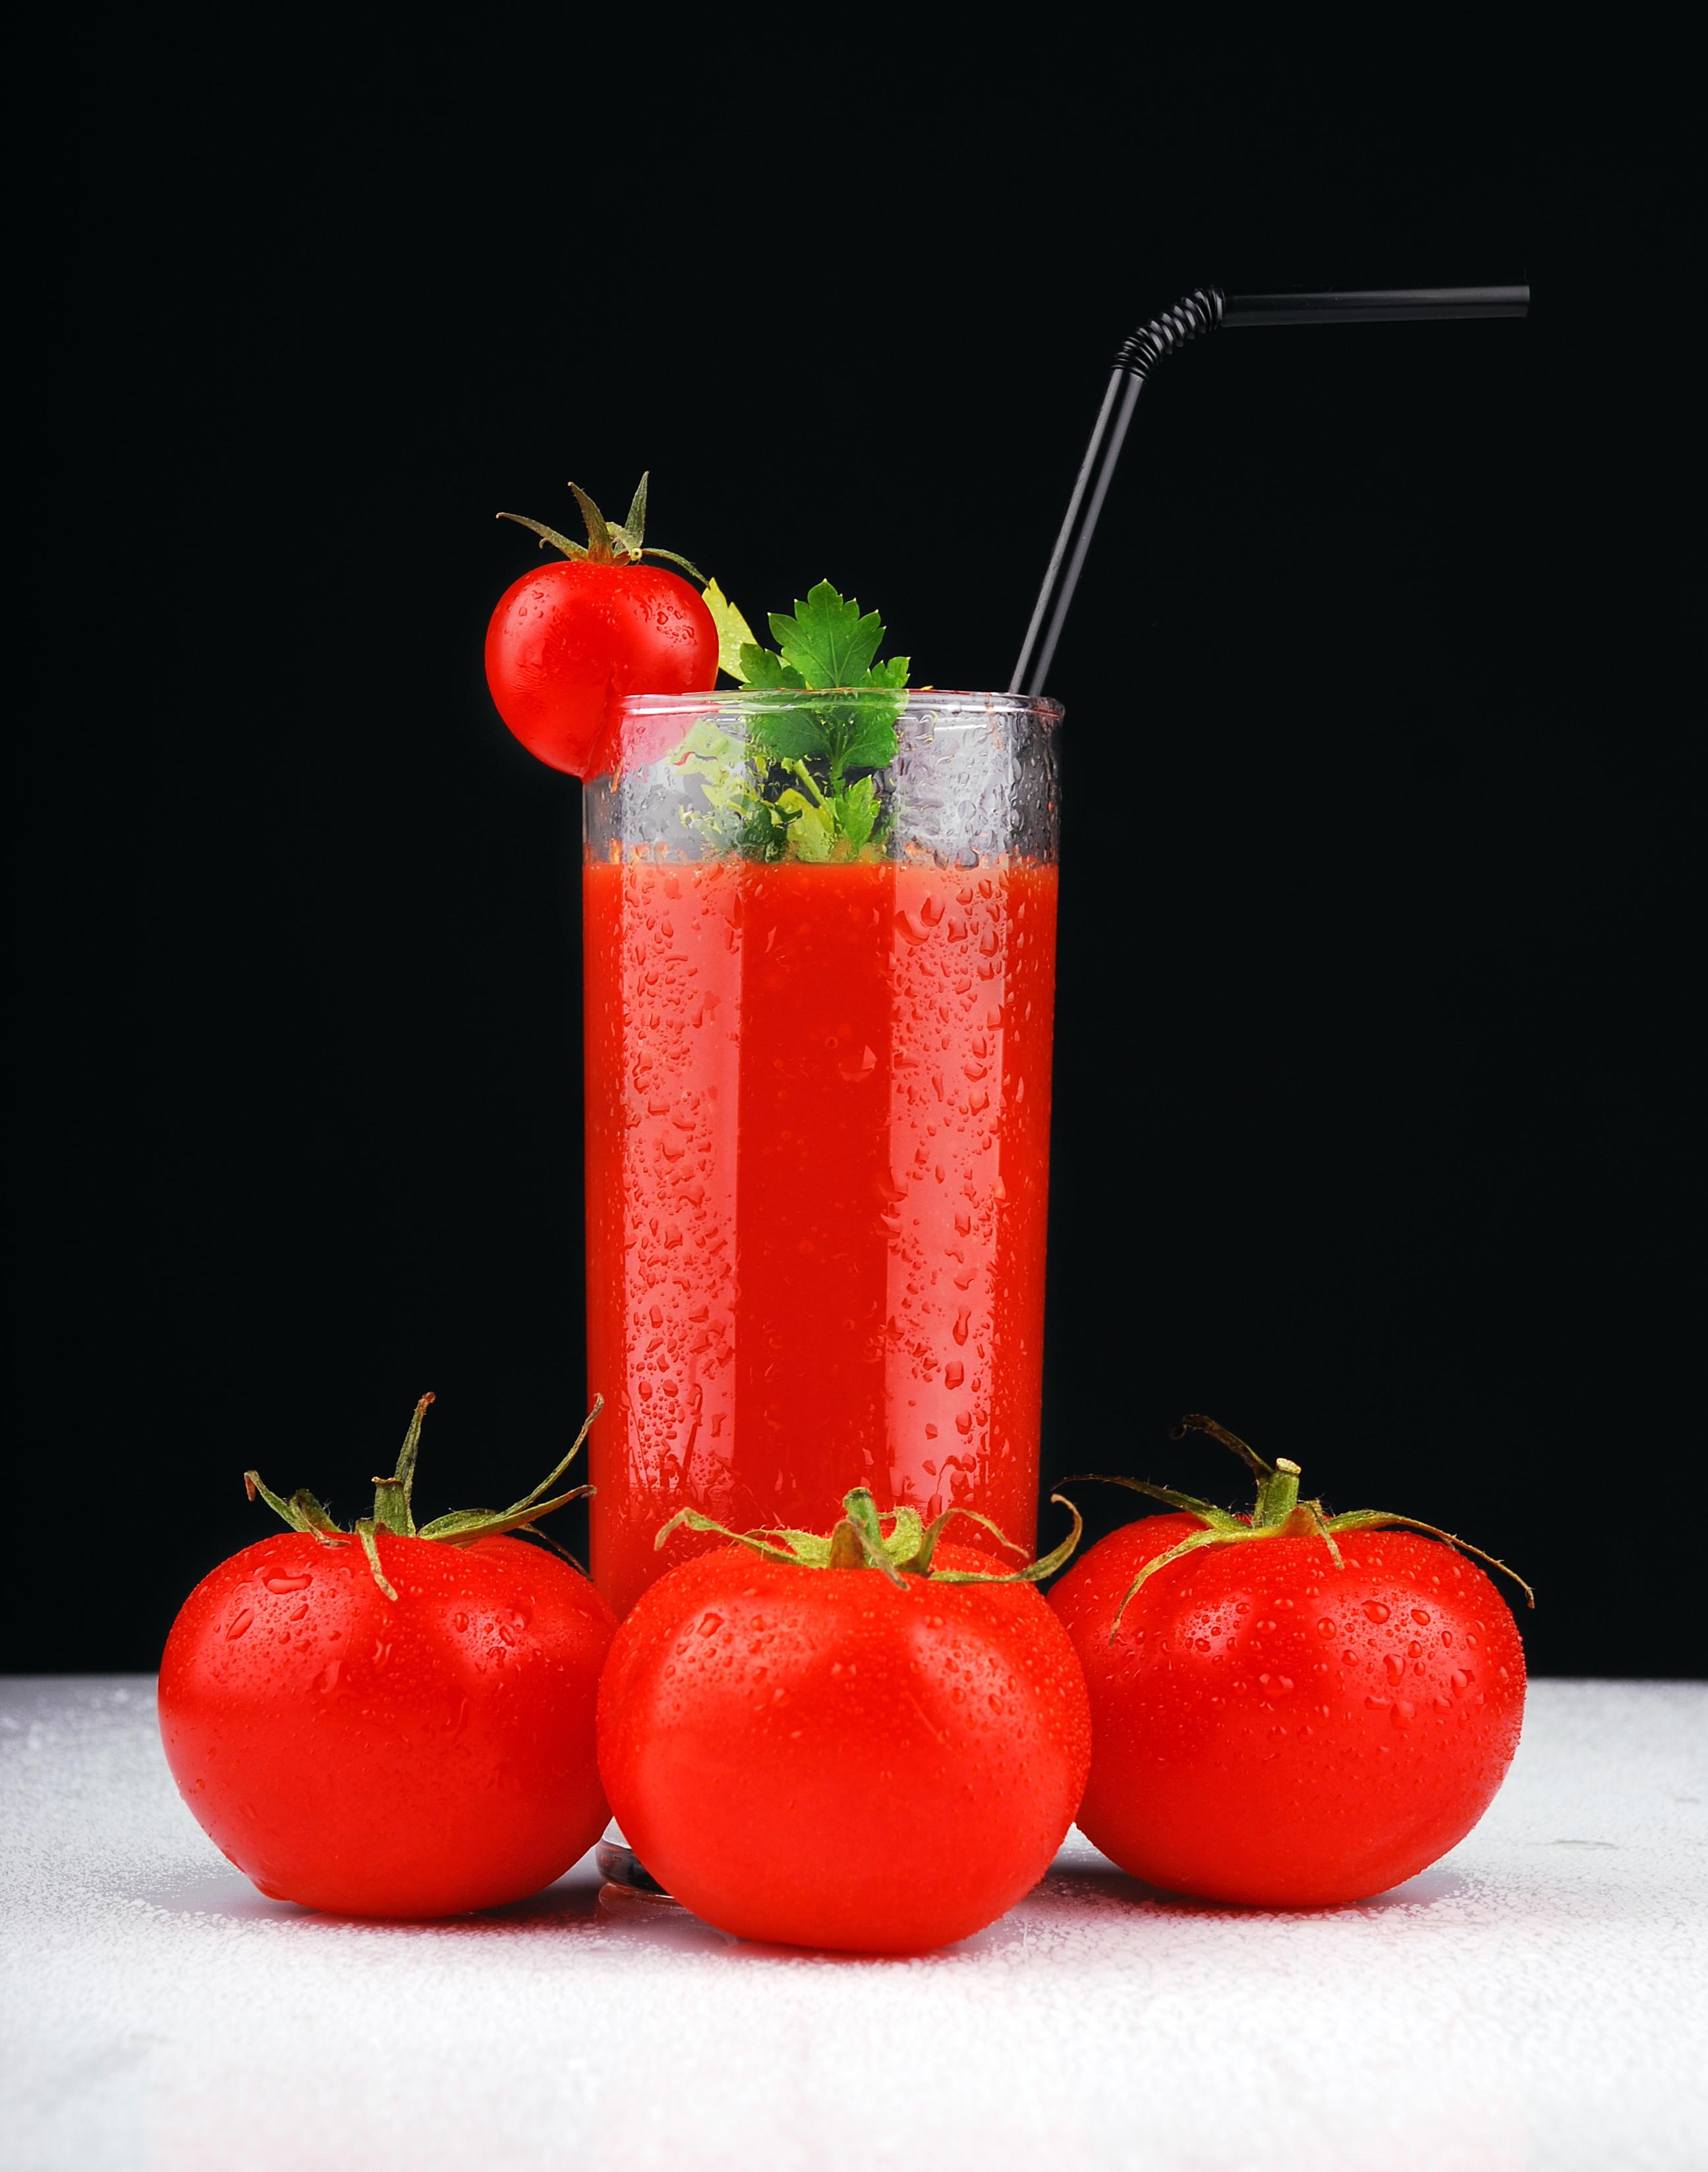 Фото Сок Томаты стакана Еда 2592x3296 Помидоры Стакан стакане Пища Продукты питания